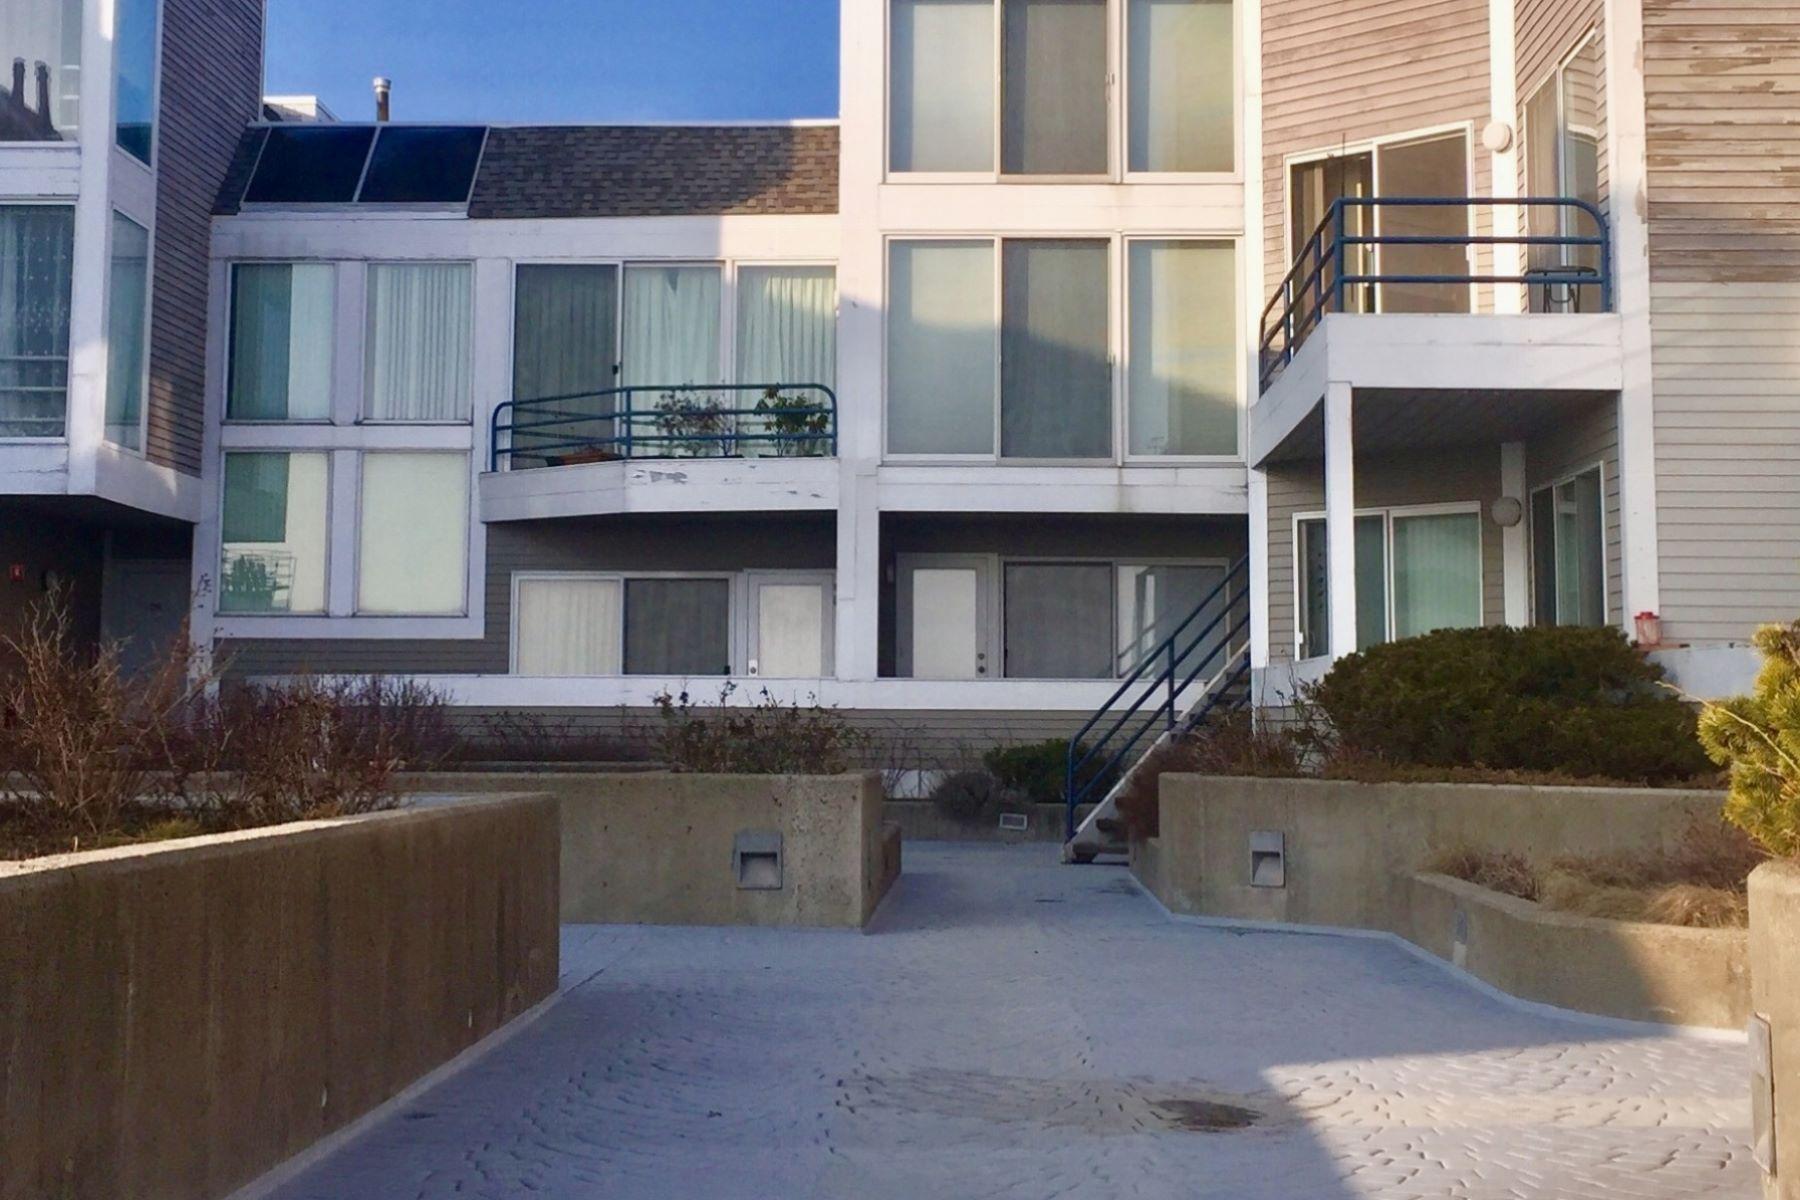 شقة بعمارة للـ Rent في 16 Harbour Close 16 Harbour Close 16 New Haven, Connecticut, 06519 United States